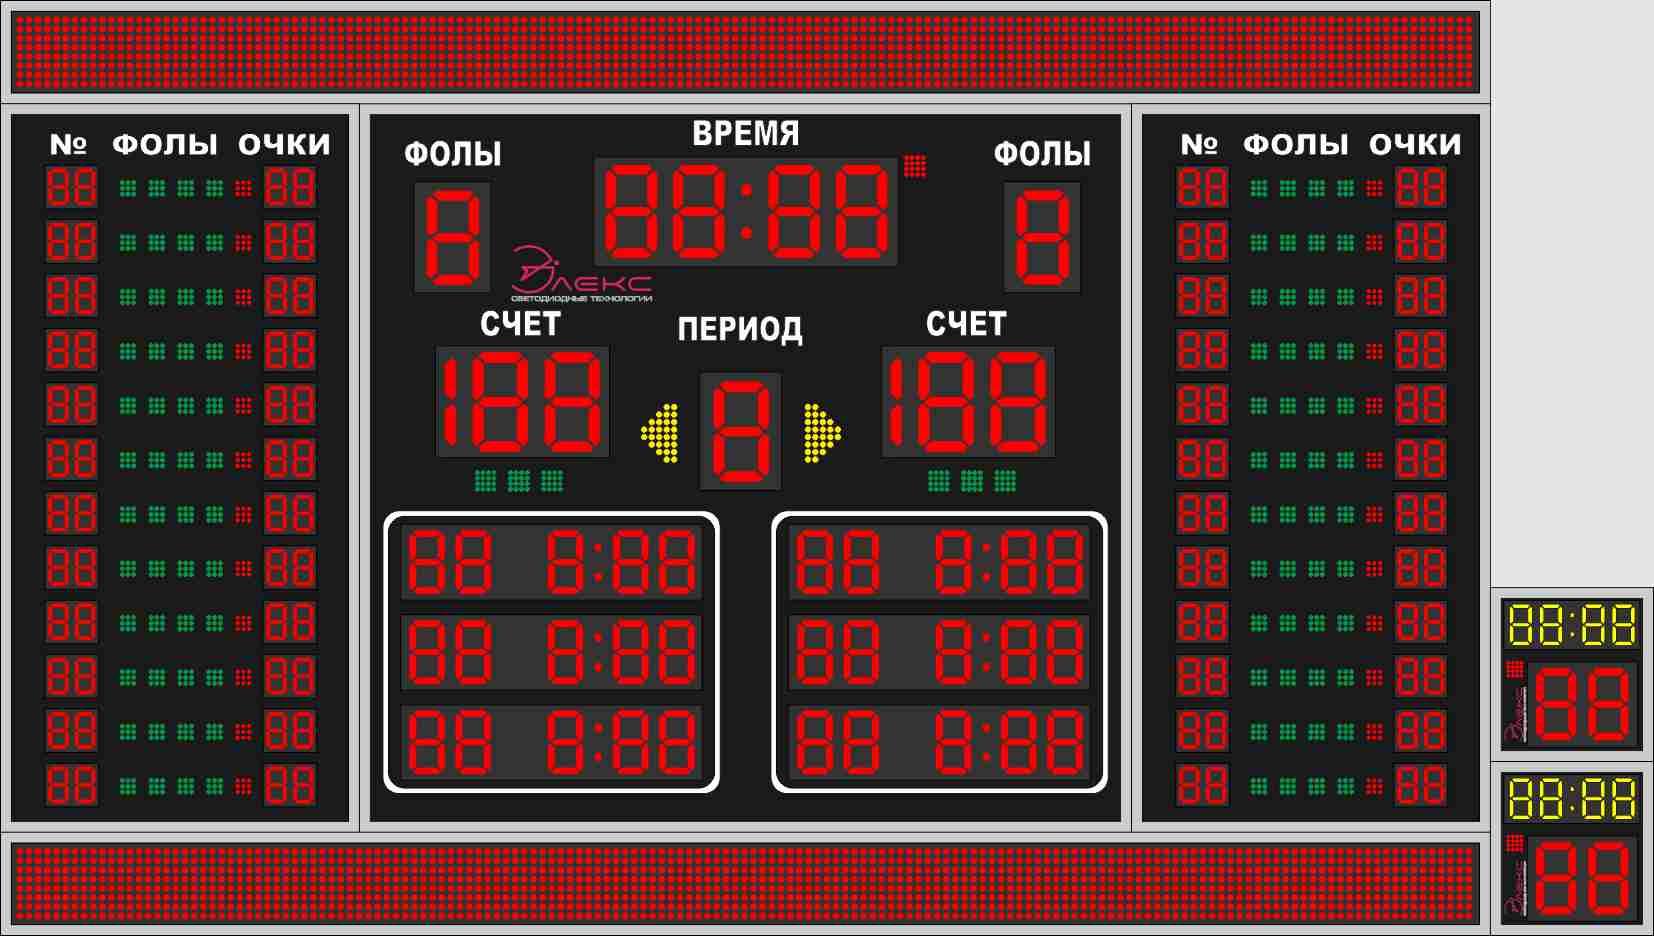 Табло для баскетбола №9